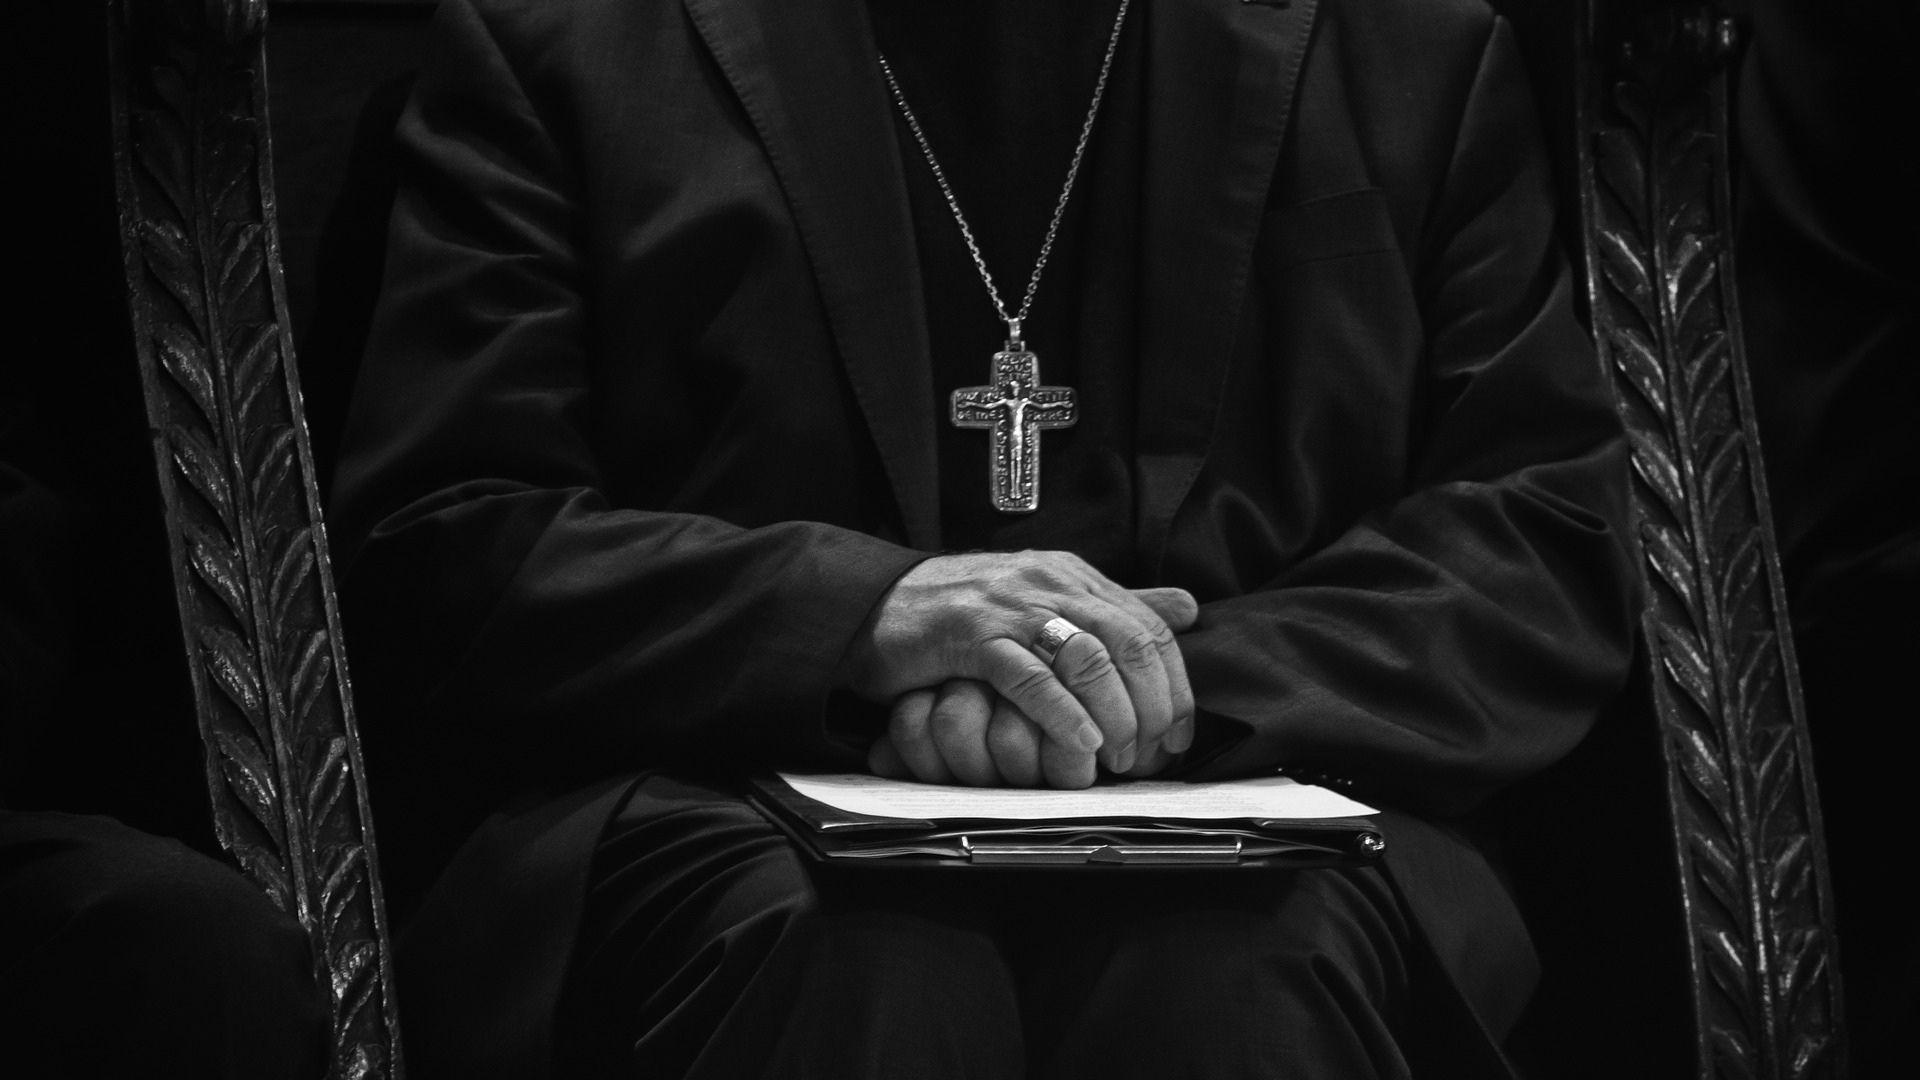 ciase rapporto abusi chiesa